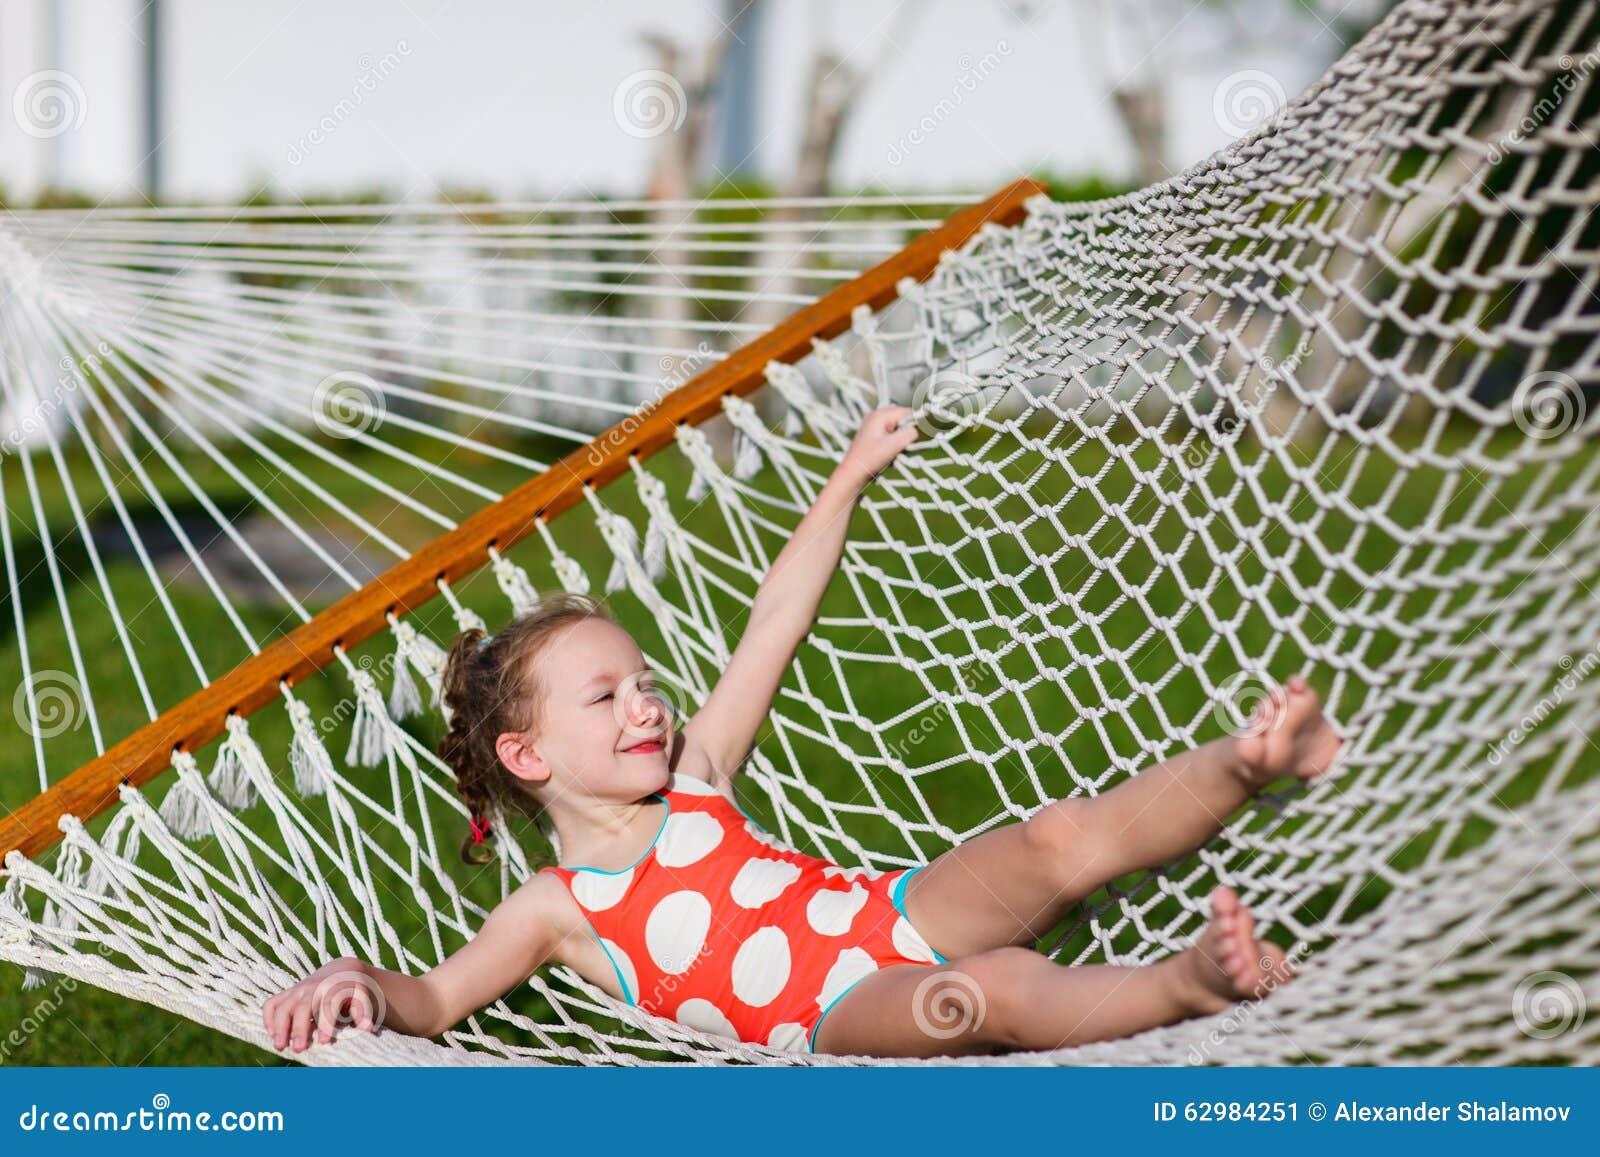 Bambina in hammock